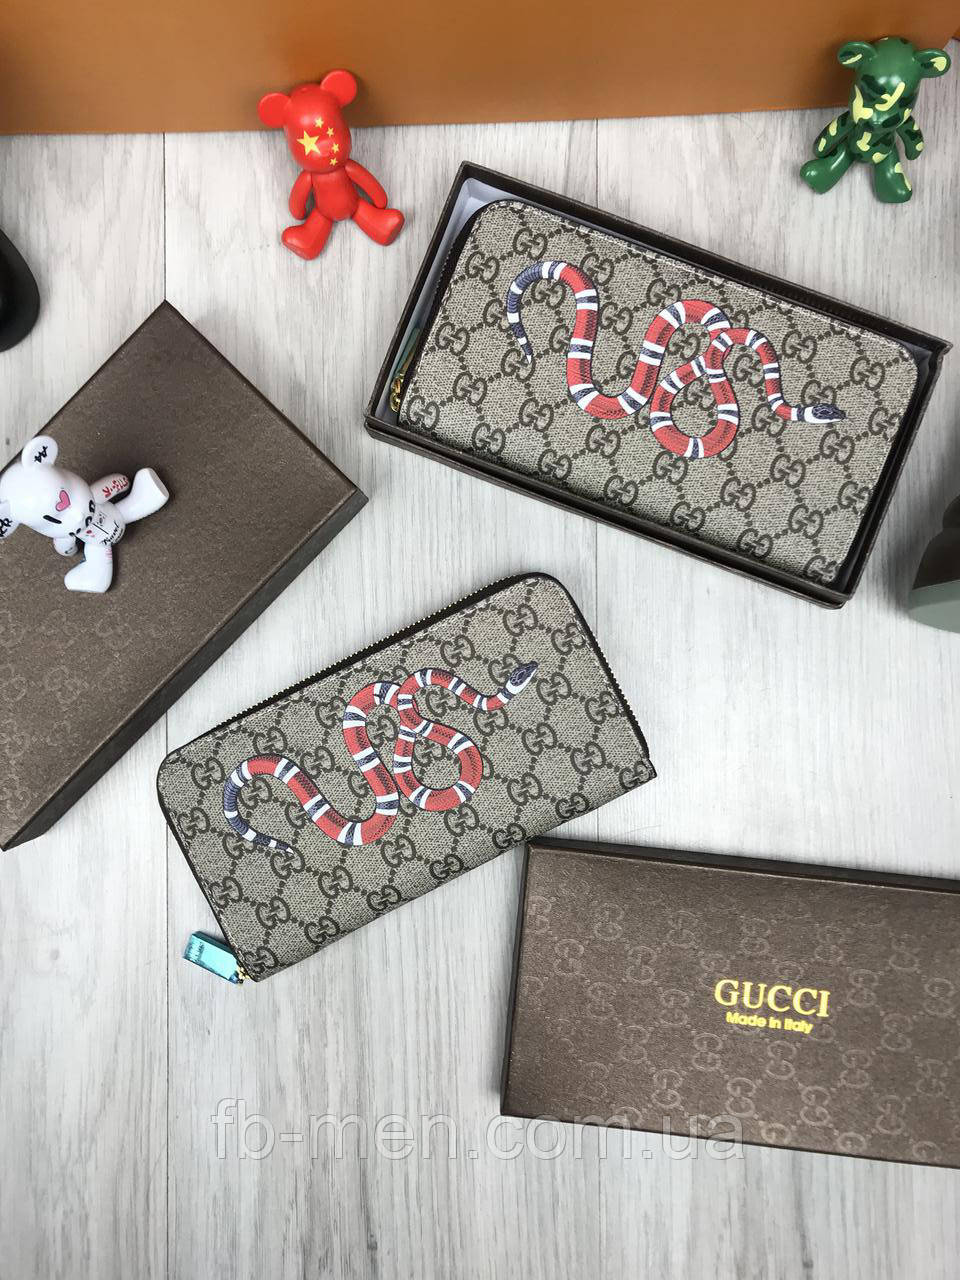 Кошелек Gucci | Бумажник мужской женский Gucci змея | Коричневый органайзер Гуччи змея | Портмоне Gucci змея